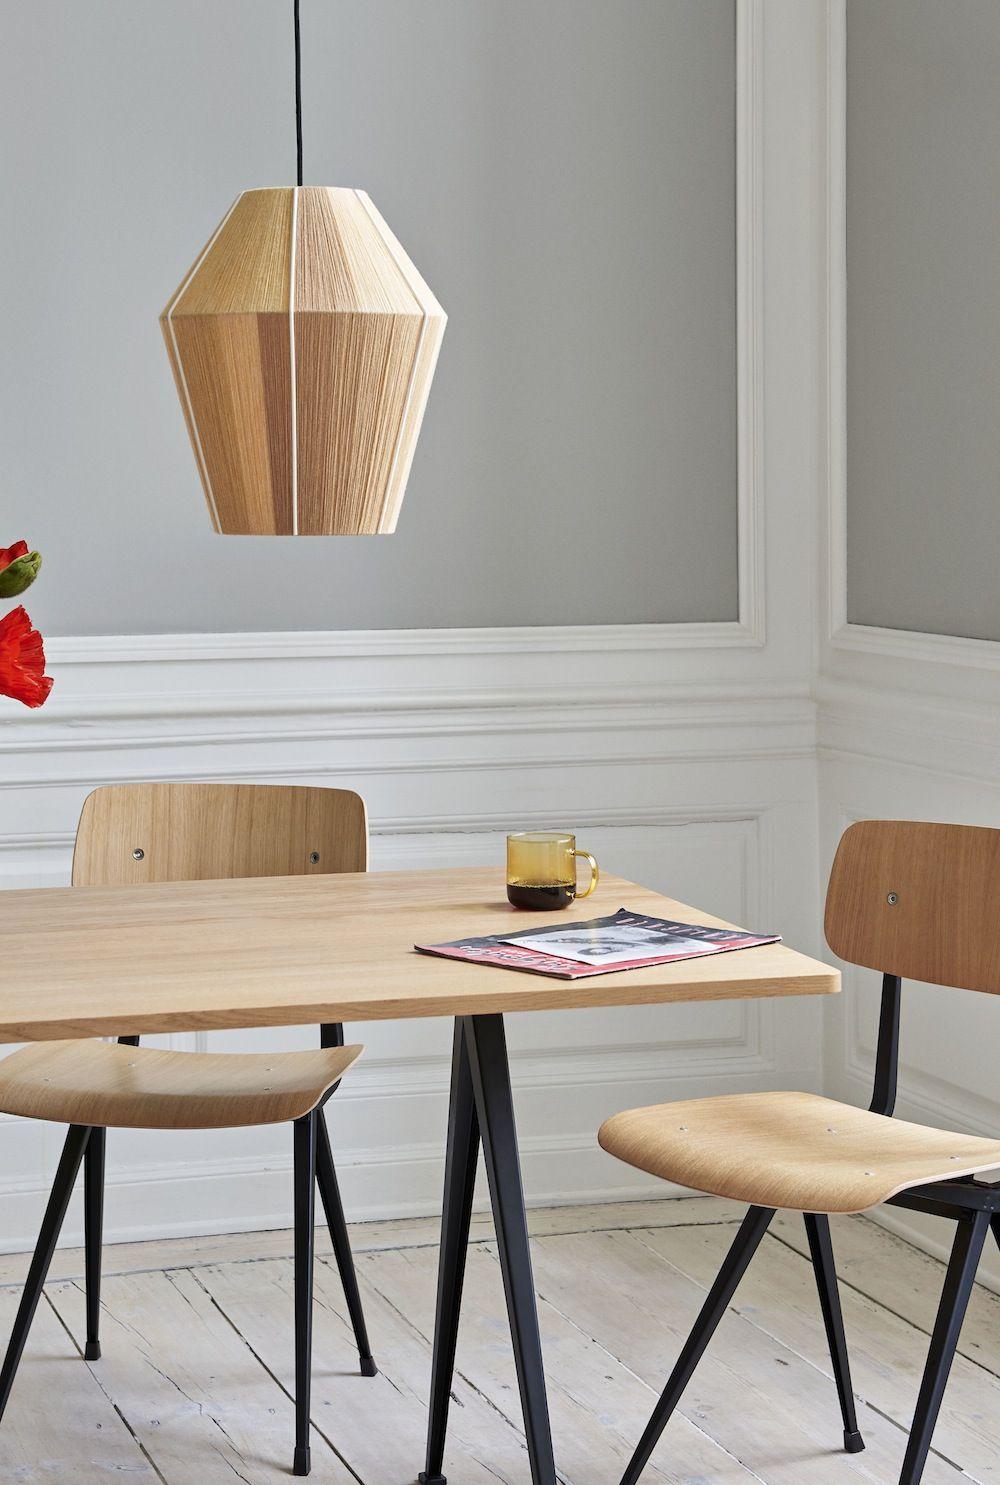 Der Pyramid Tisch Von Hay Hat Eine Massivholzplatte Und Schlichte Beine Aus Stahlblech Die Form Des Gestells W Mit Bildern Inneneinrichtung Esstisch Holz Innenarchitektur